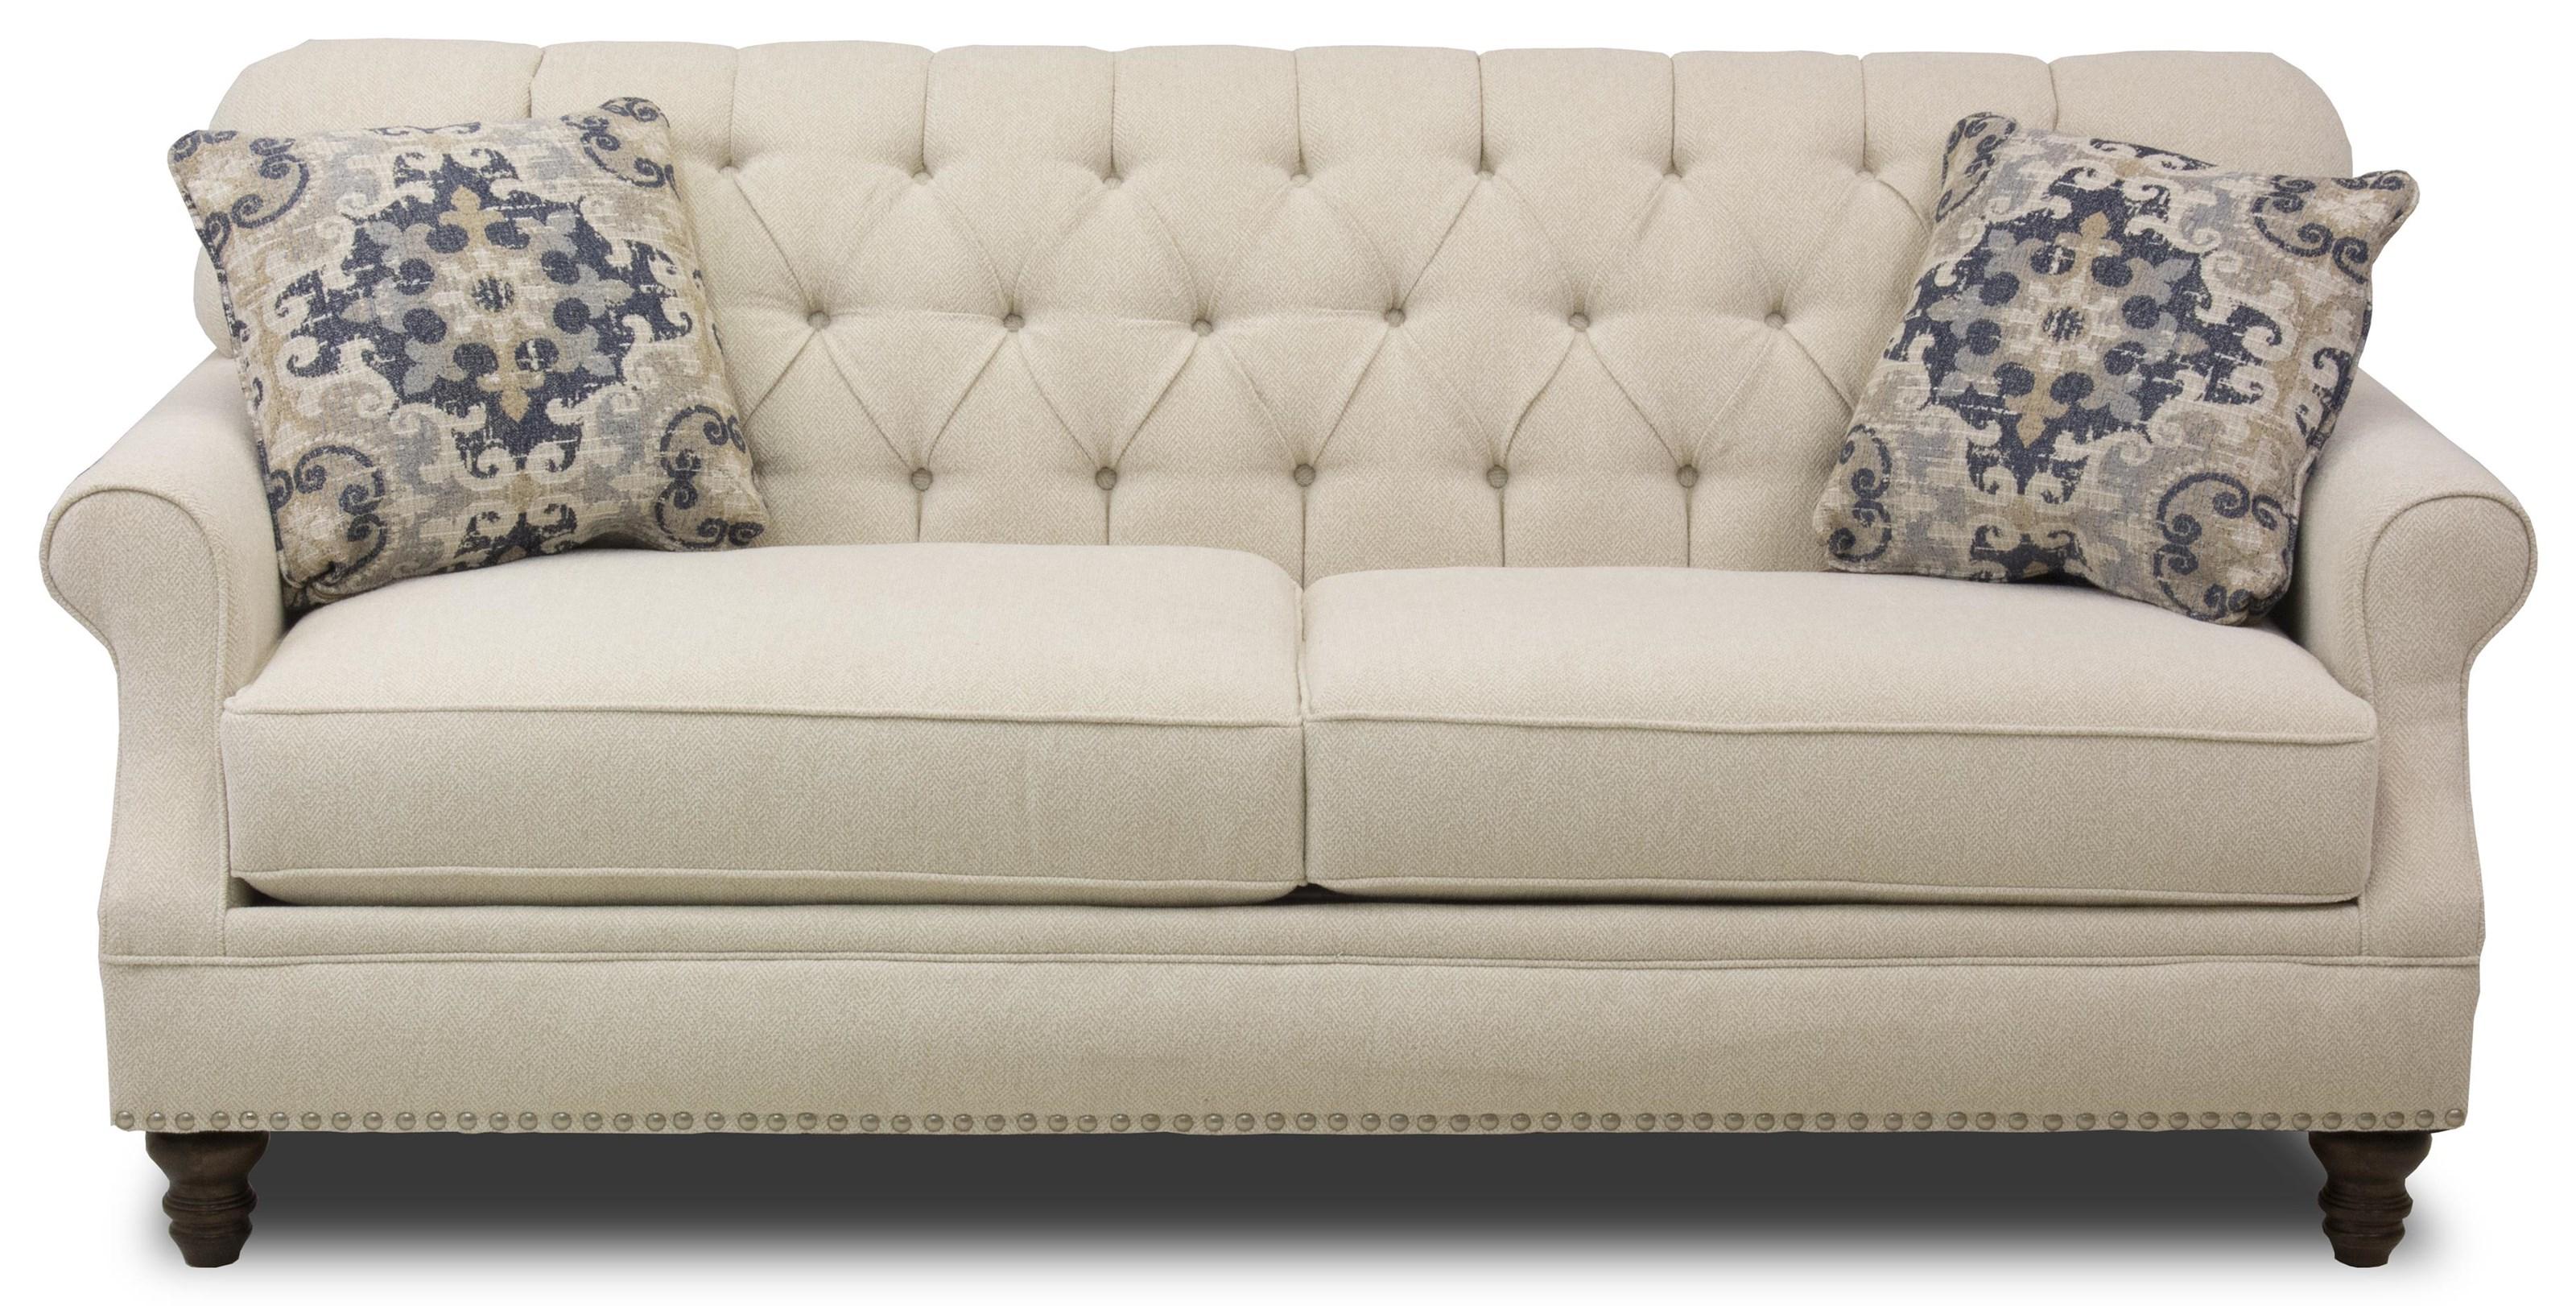 Metropia Barrington Traditional Tufted Apartment Size Sofa With Nailheads Ruby Gordon Home Sofas